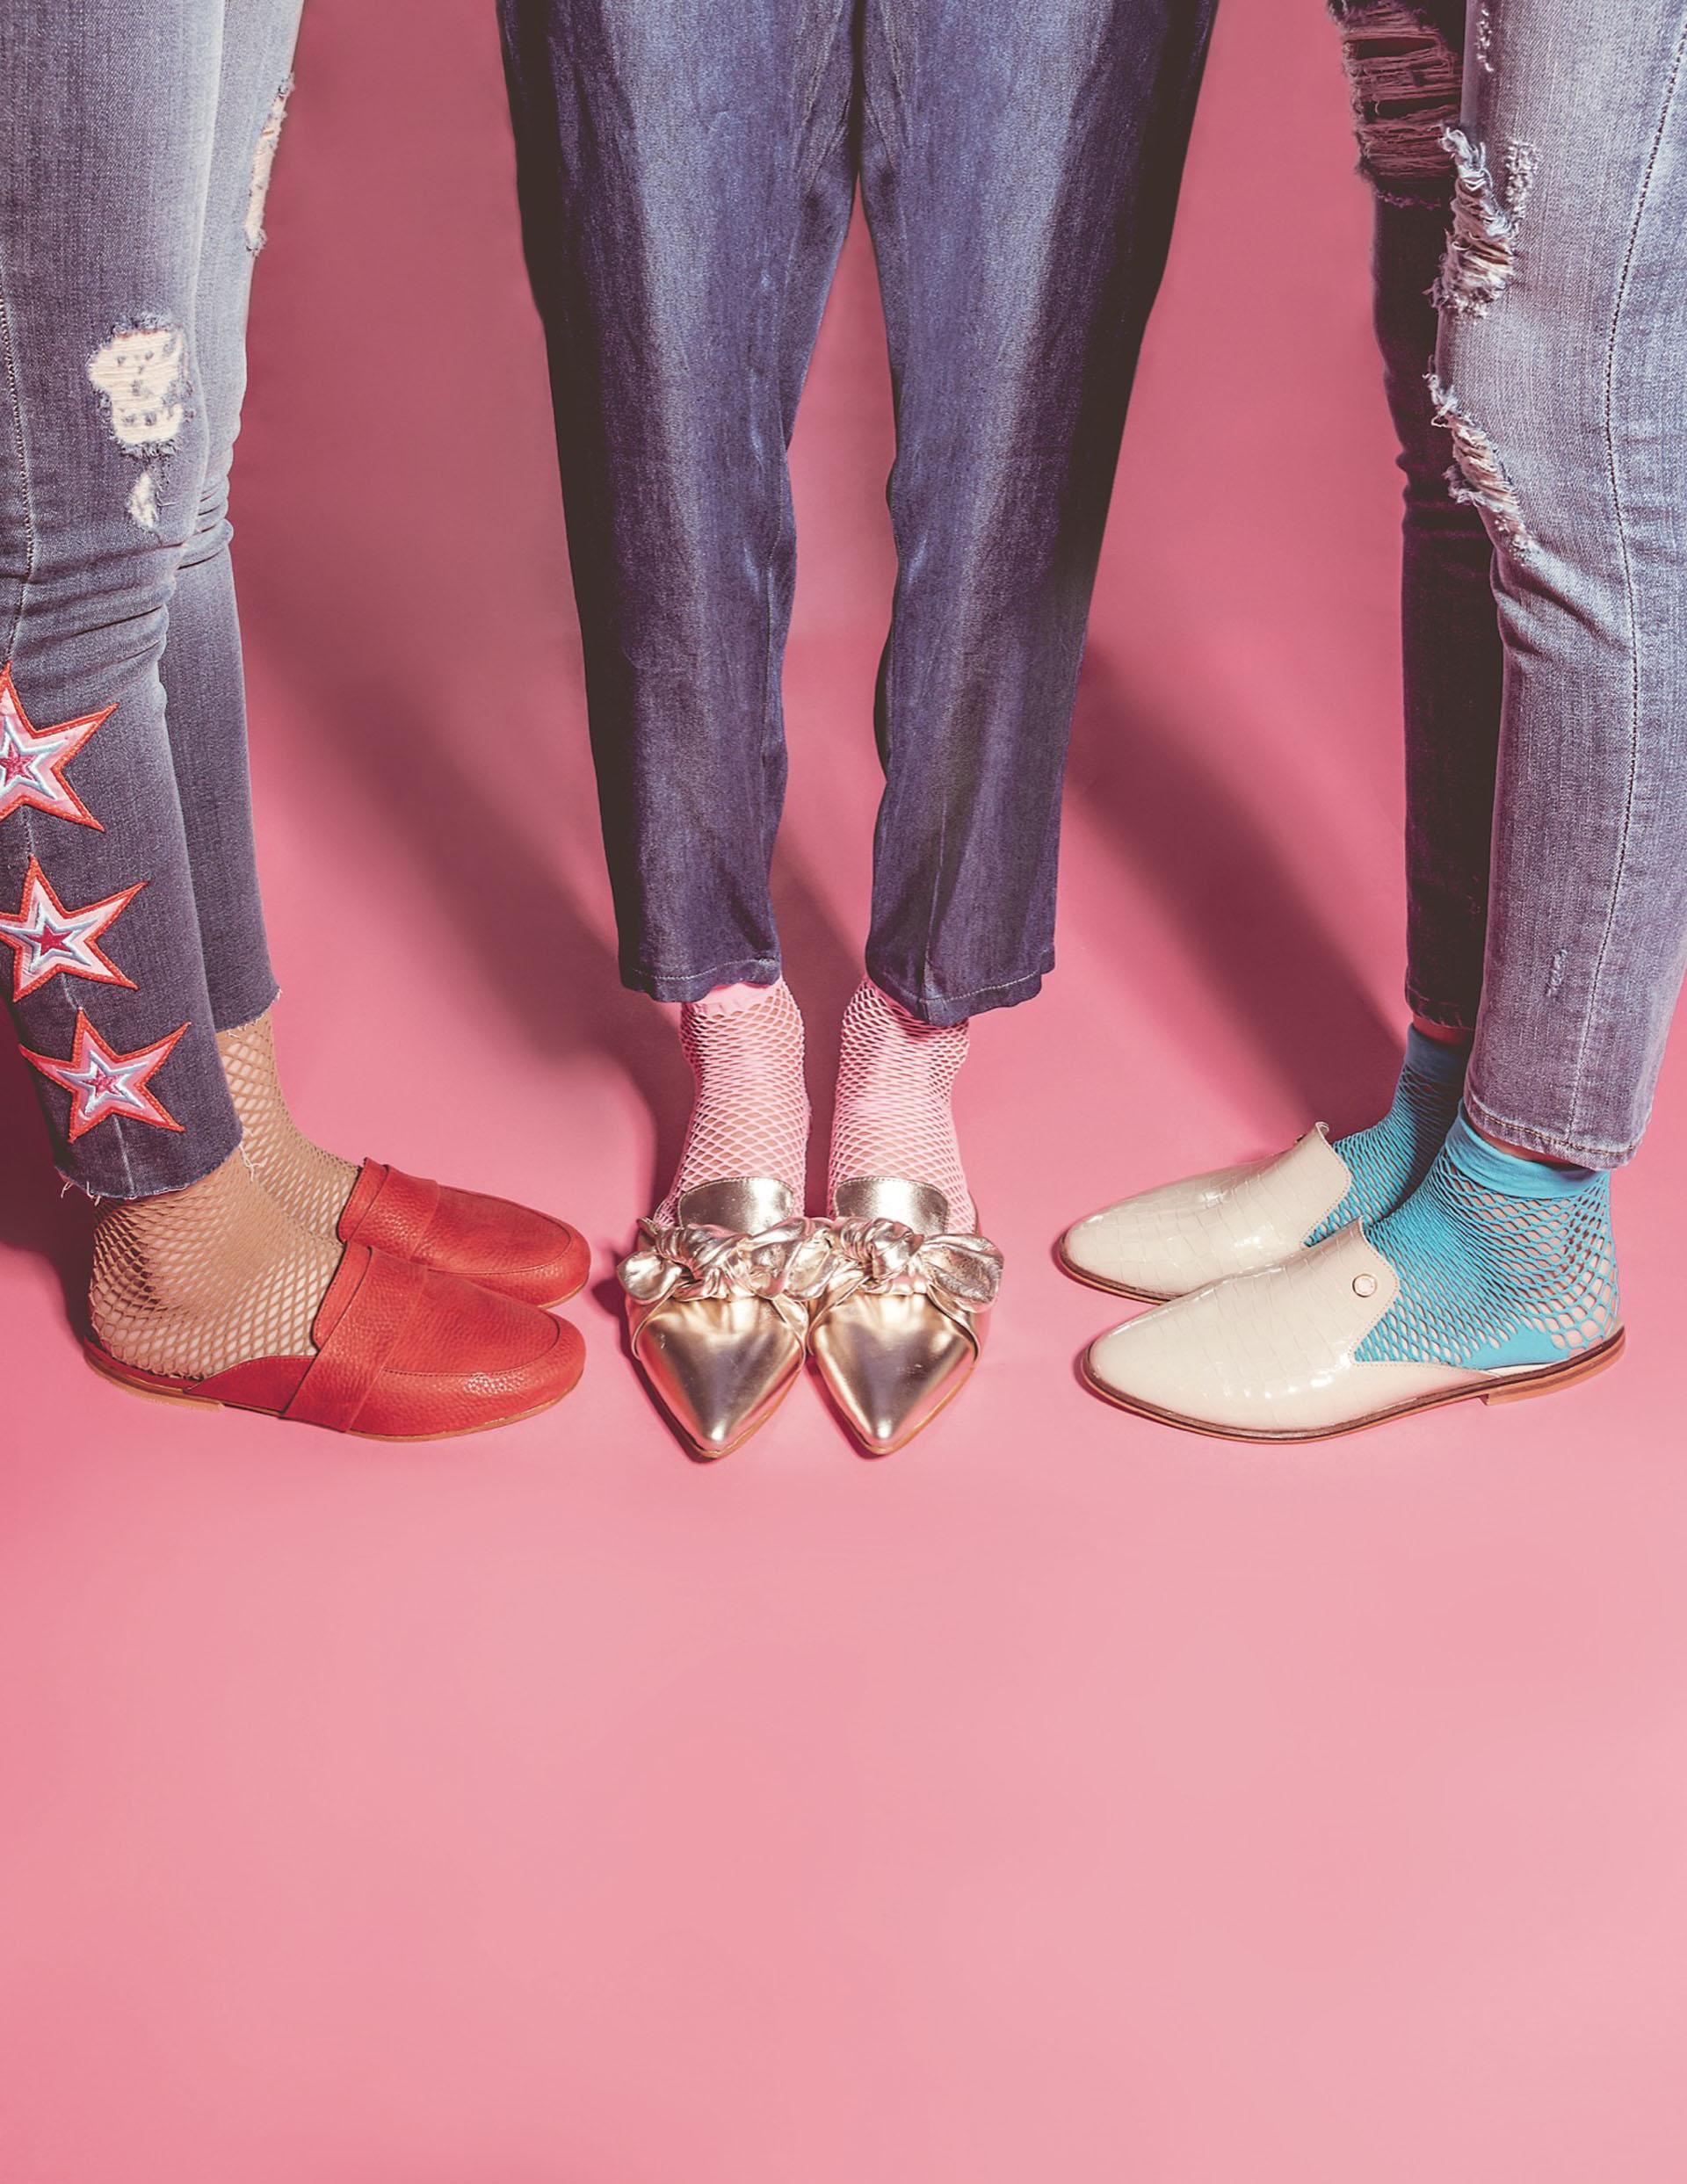 1. Jean chupín con estrellas bordadas ($ 2.799, Melocotón), soquetes de red (Mora) y slippers de cuero ($ 1.290, XL Extra Large). 2. Babucha de jean ($ 1.200, Estancias), soquetes de red y slippers de cuero metalizados con nudo (Domani). 3. Jean chupín con roturas ($ 2.749, Levi's), soquetes de red (Mora) y slippers de cuero charolado ($ 2.000, Viamo). Fotos Juanma Rodríguez/ Para Ti